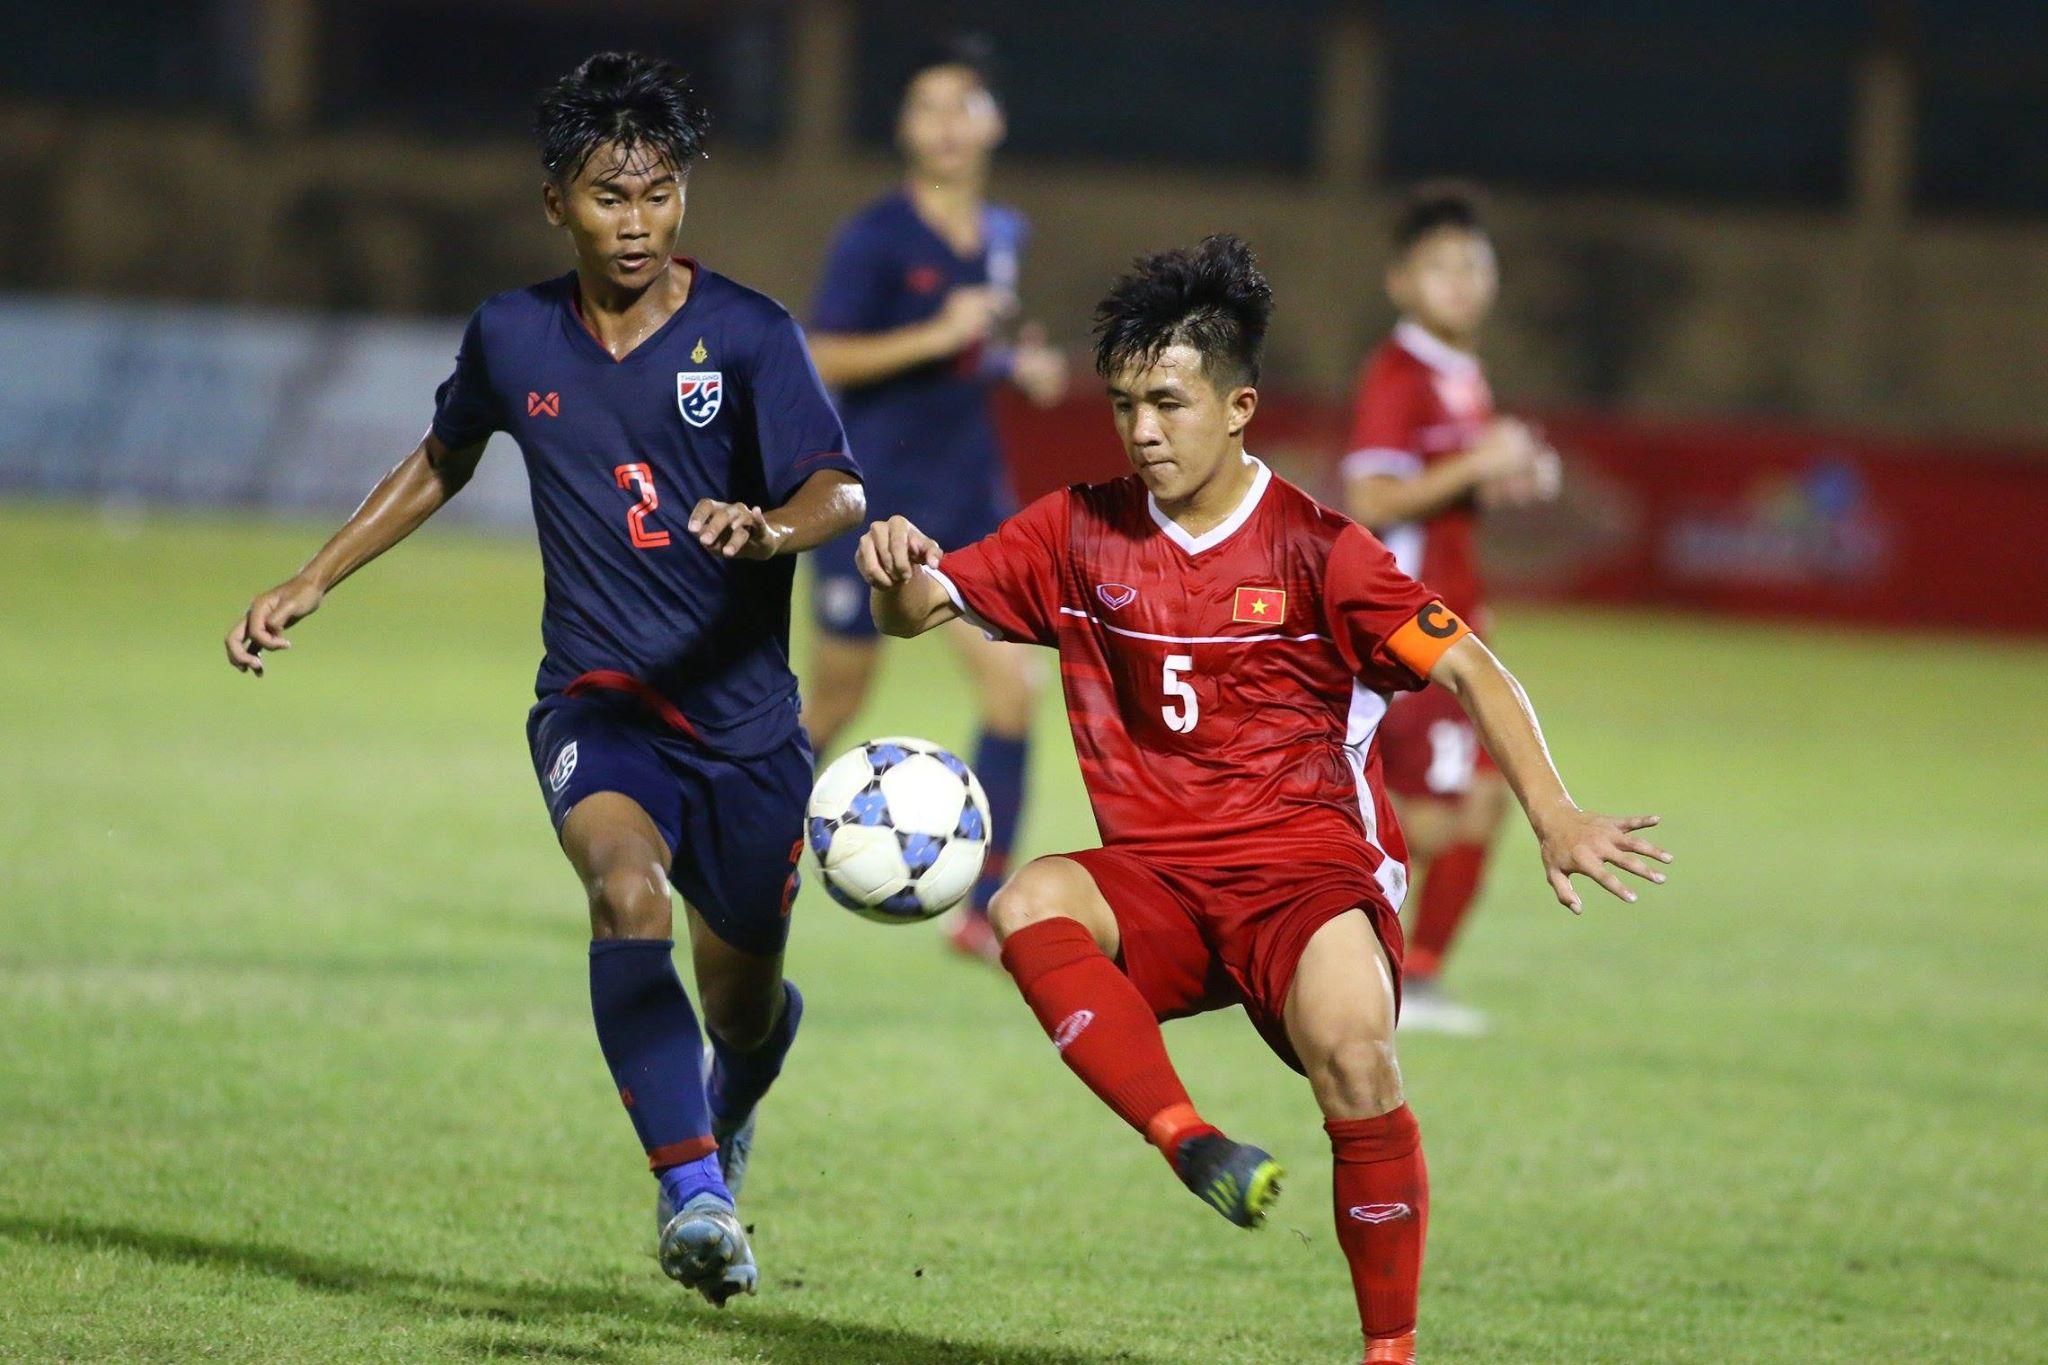 Trở về từ Hà Lan, sao trẻ U18 HAGL JMG được gọi lên U19 Việt Nam - Bóng Đá